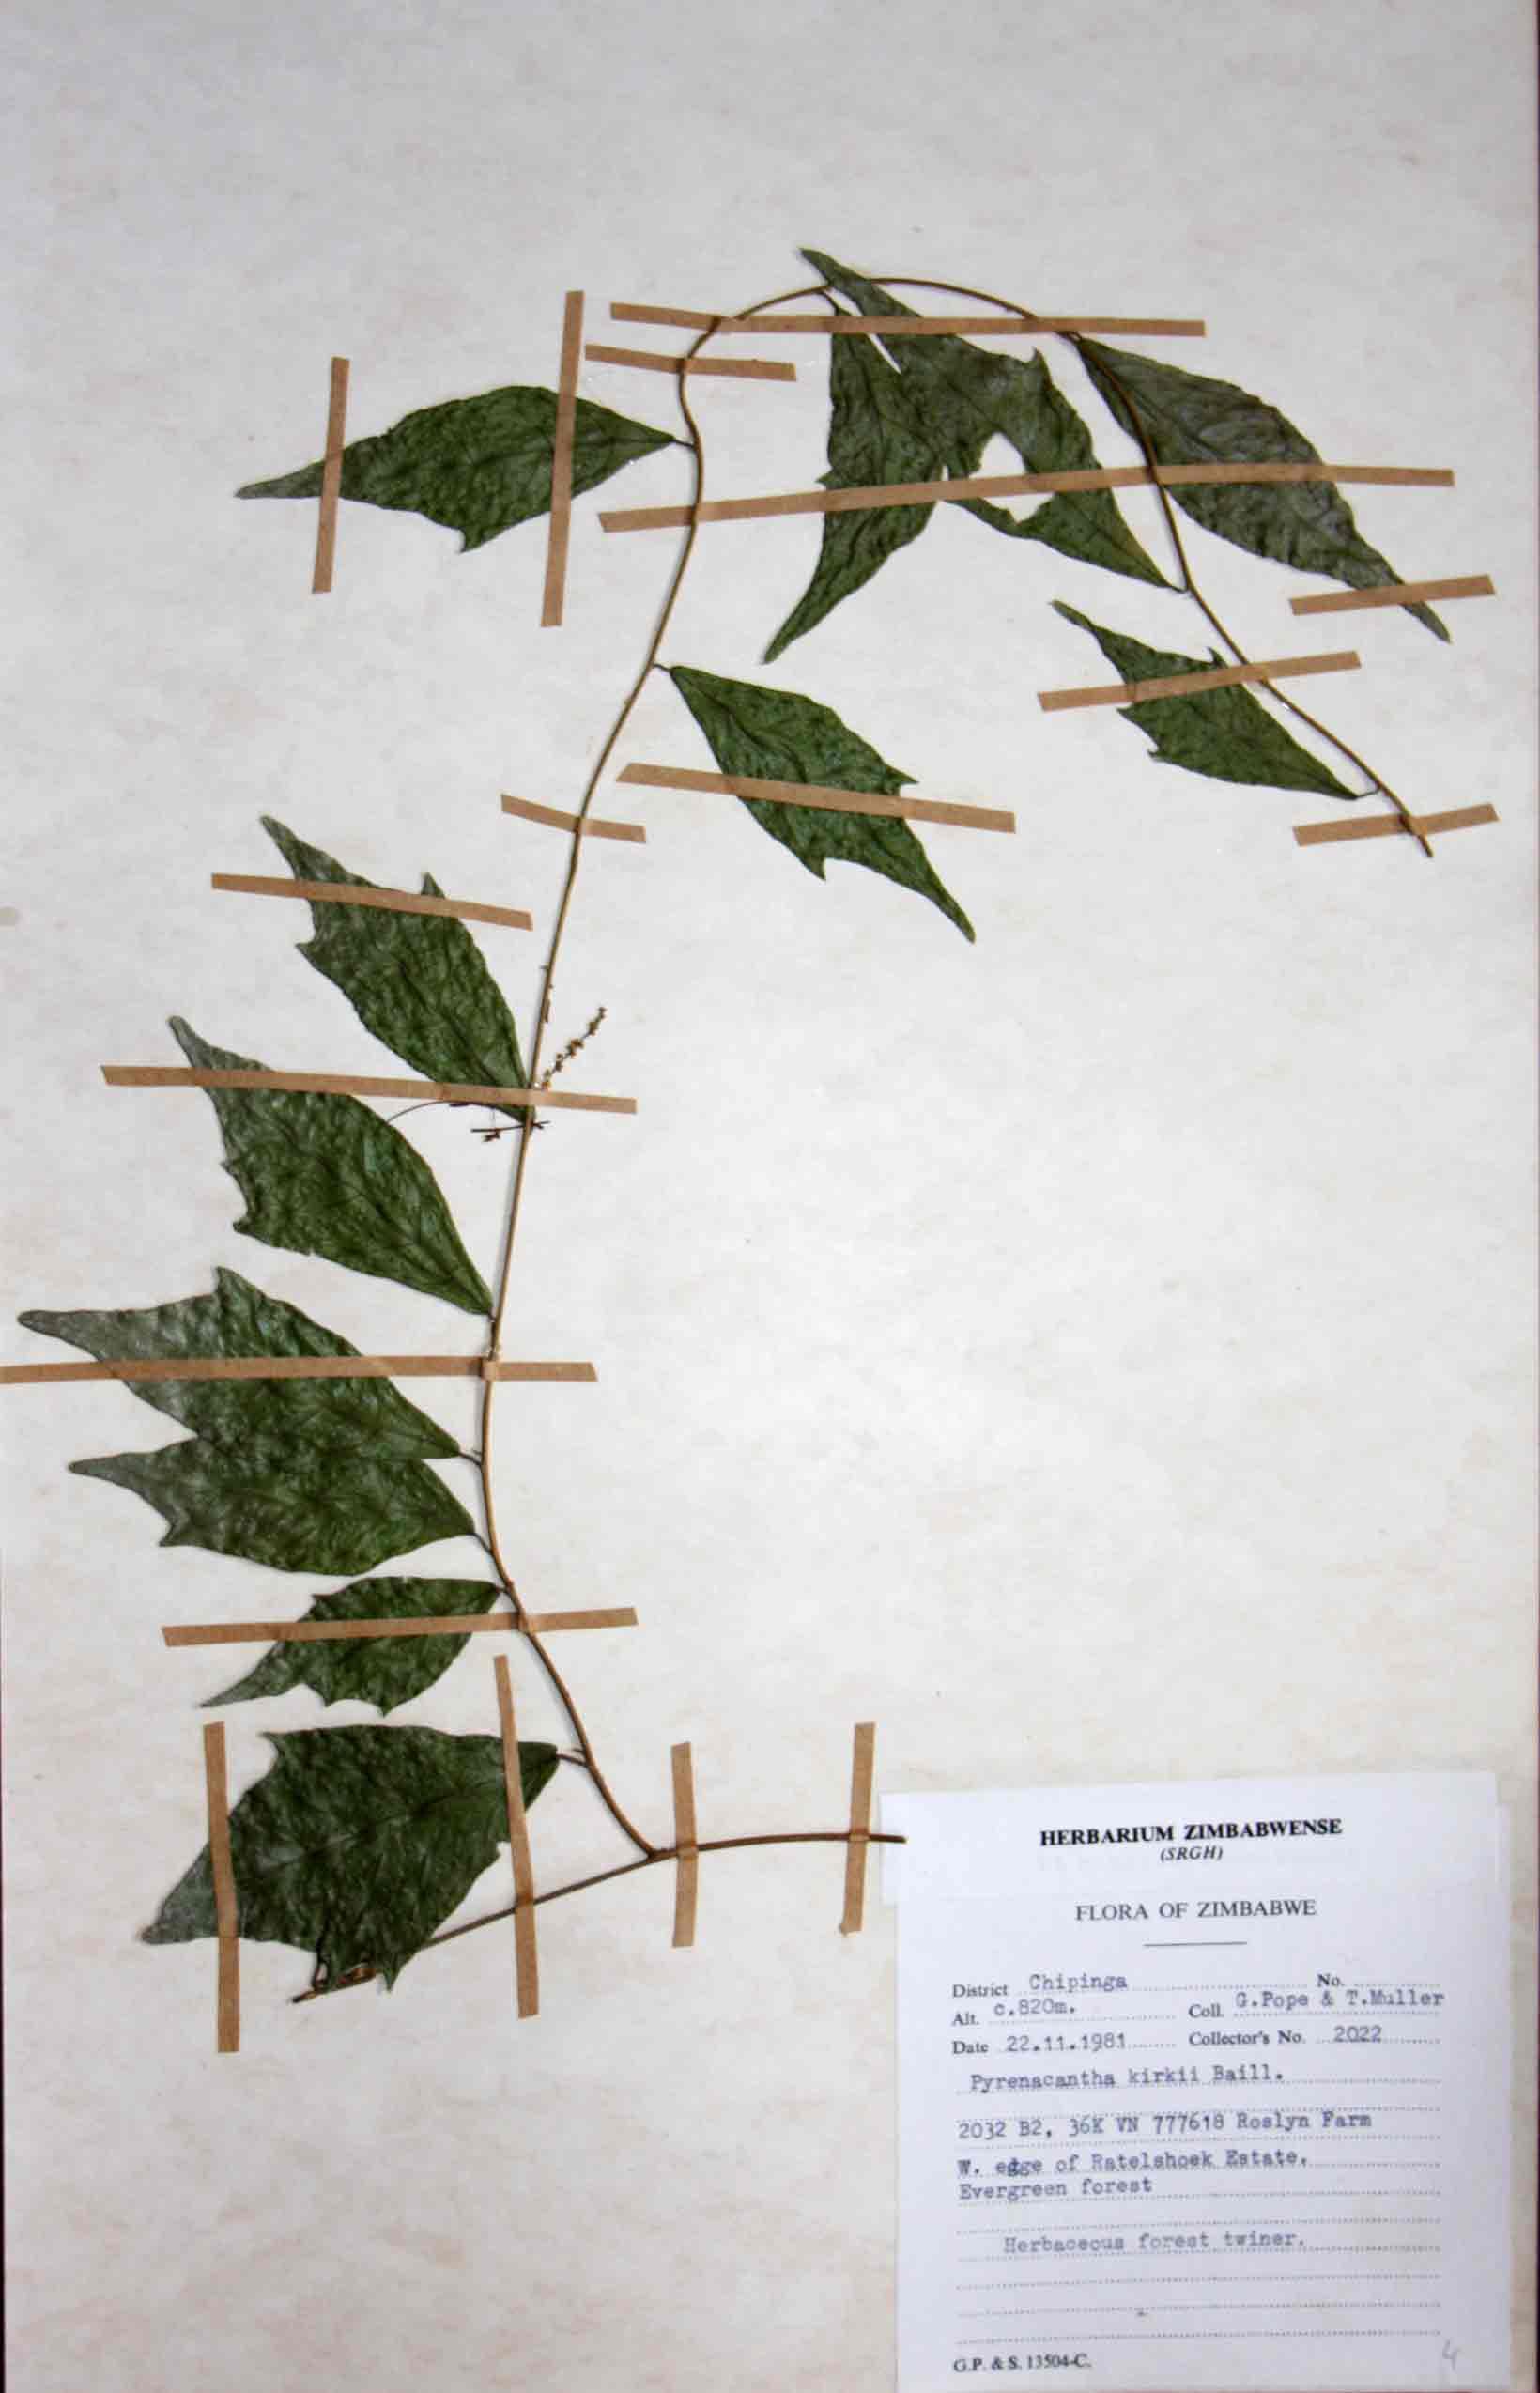 Pyrenacantha kirkii